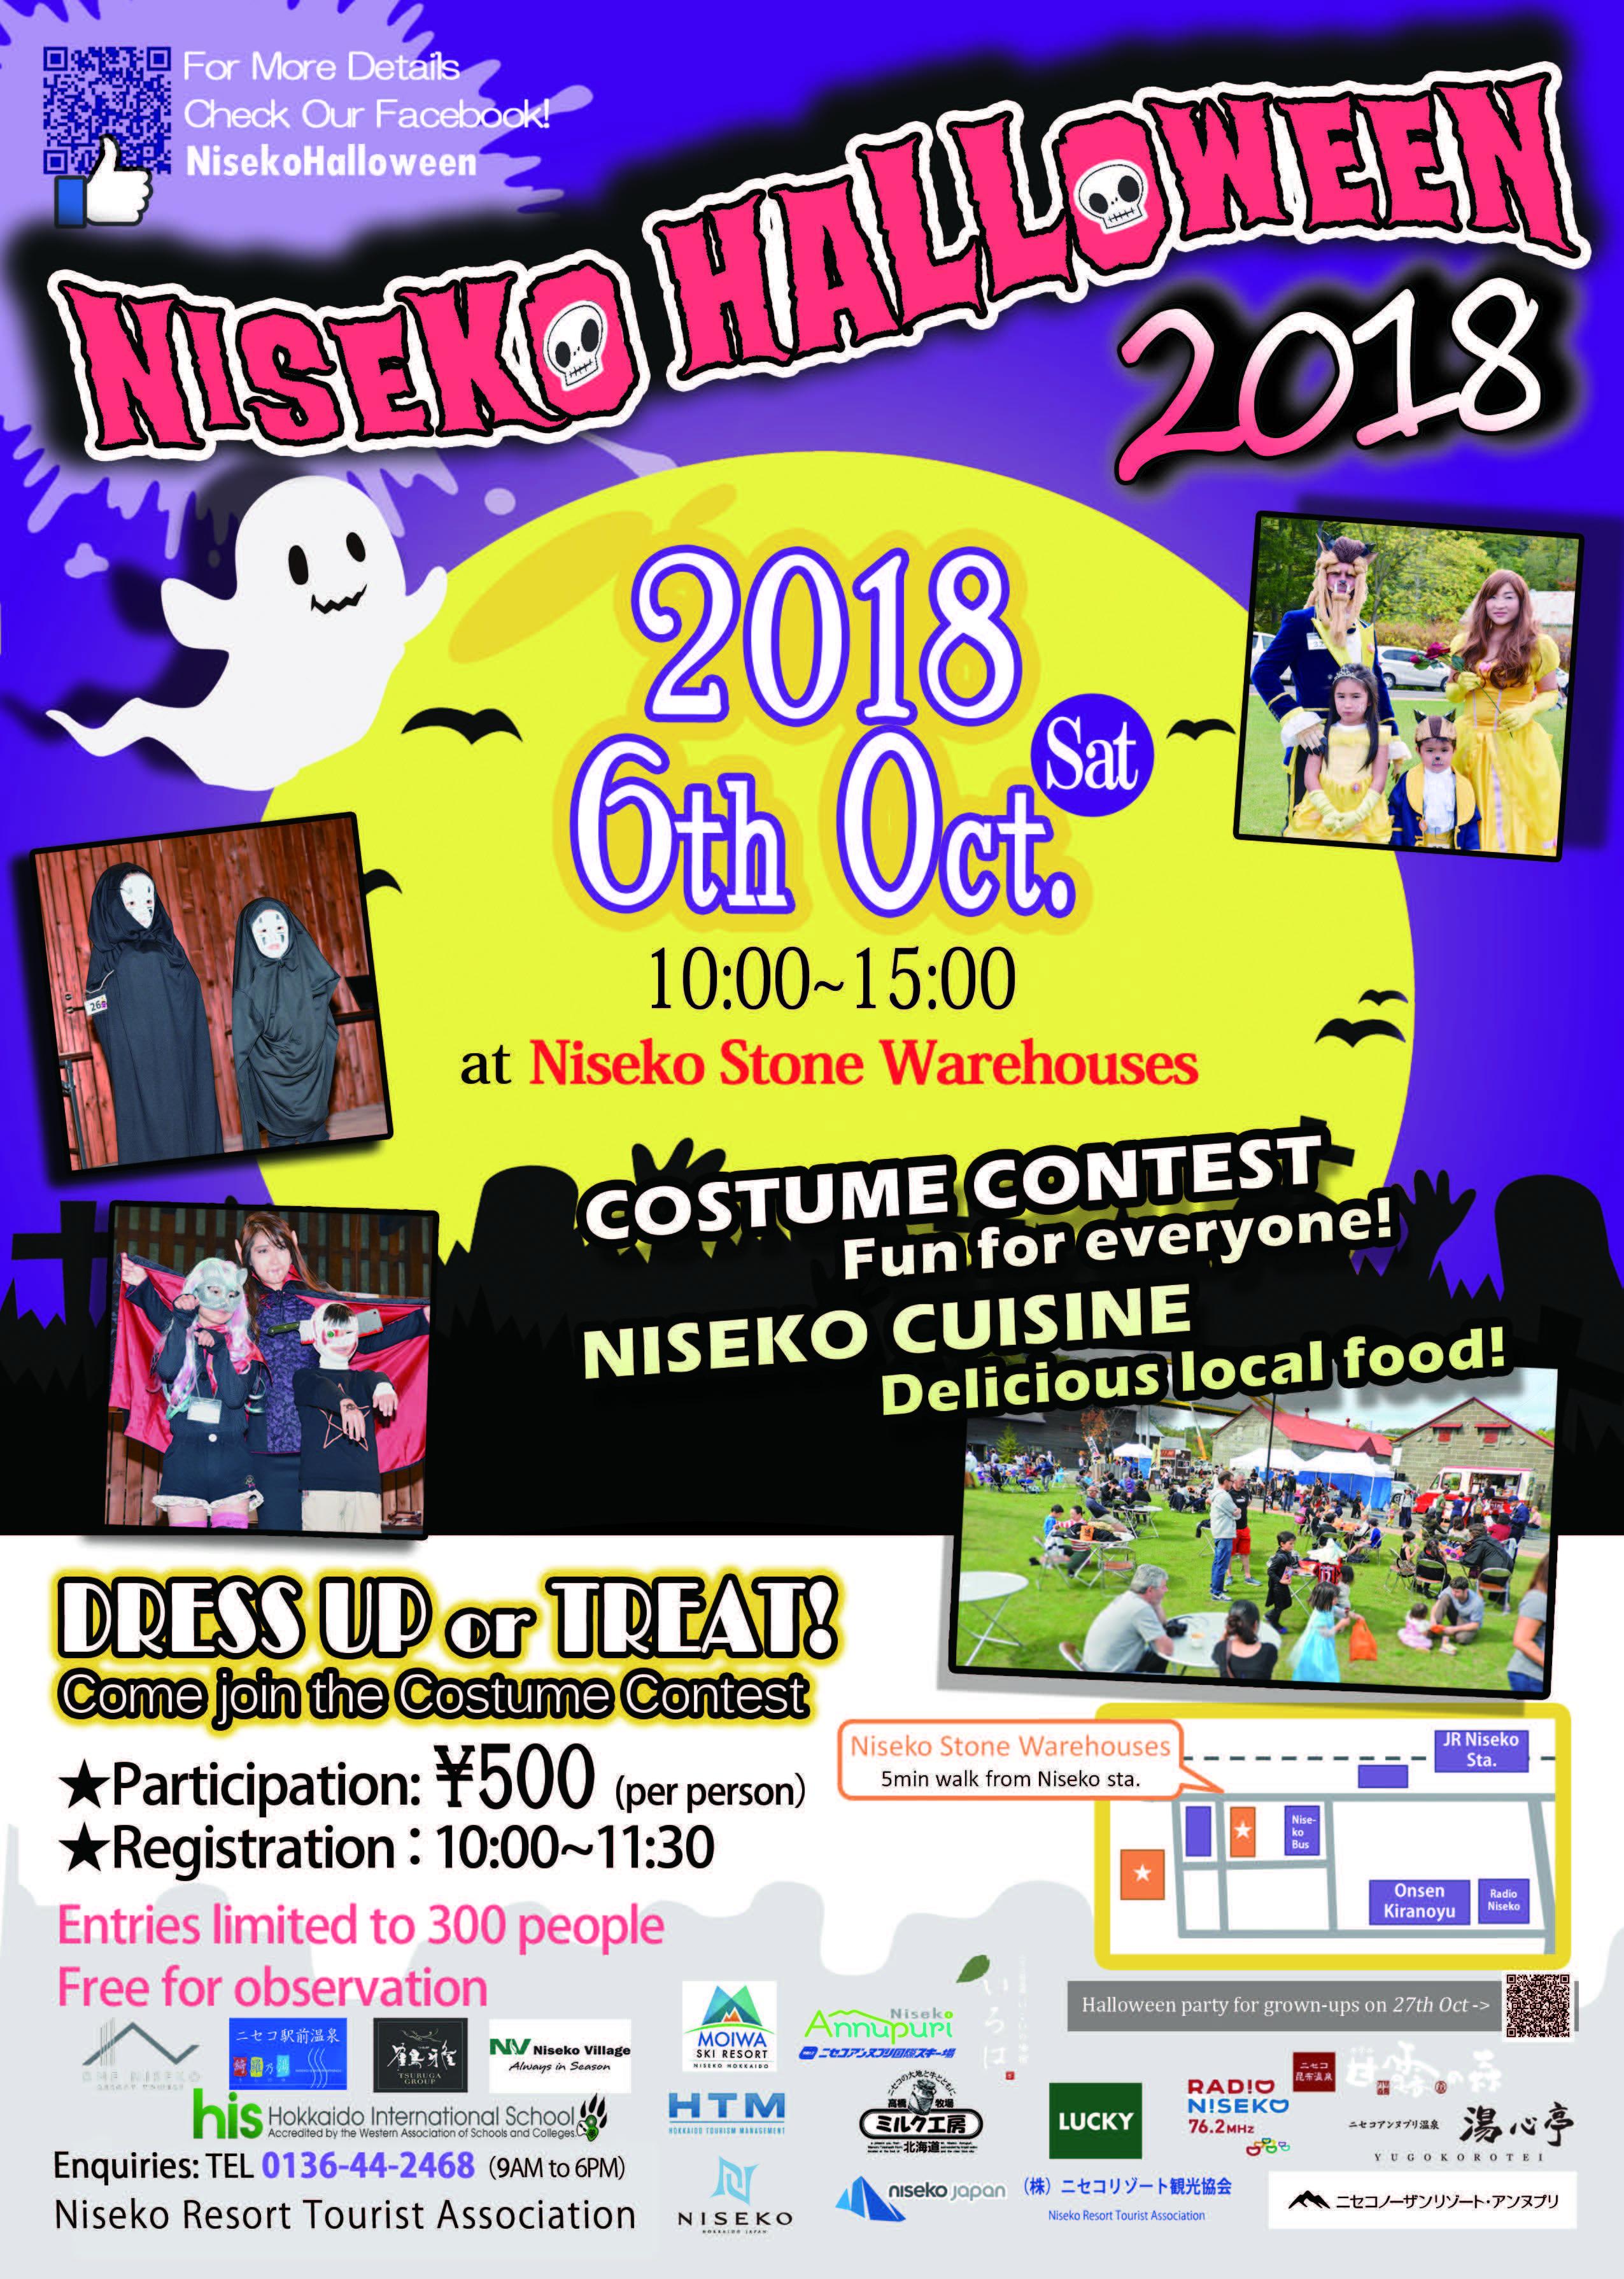 Niseko Halloween Event 2018